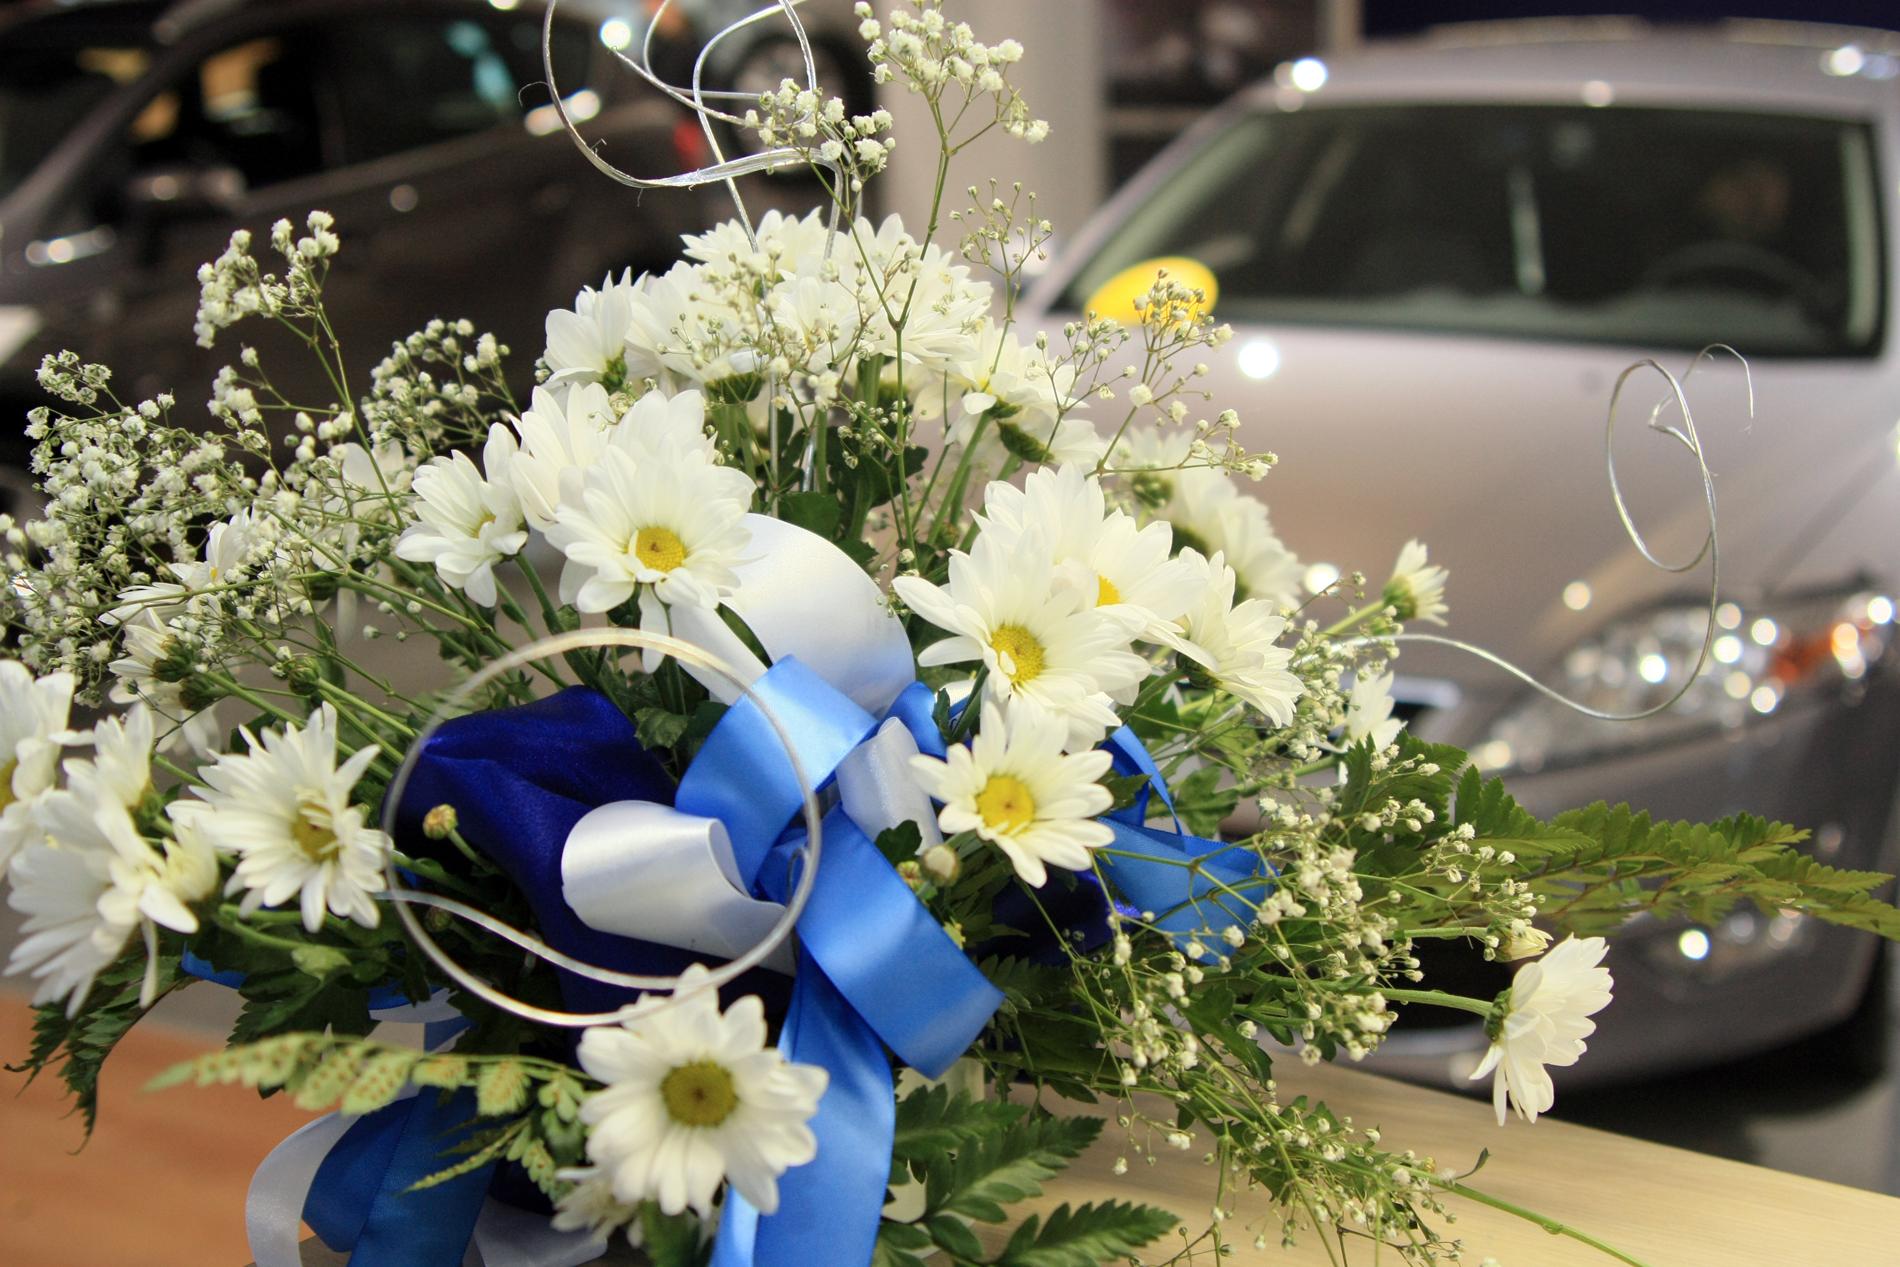 Астры, розы, орхидеи: свердловское правительство купит цветы на полмиллиона